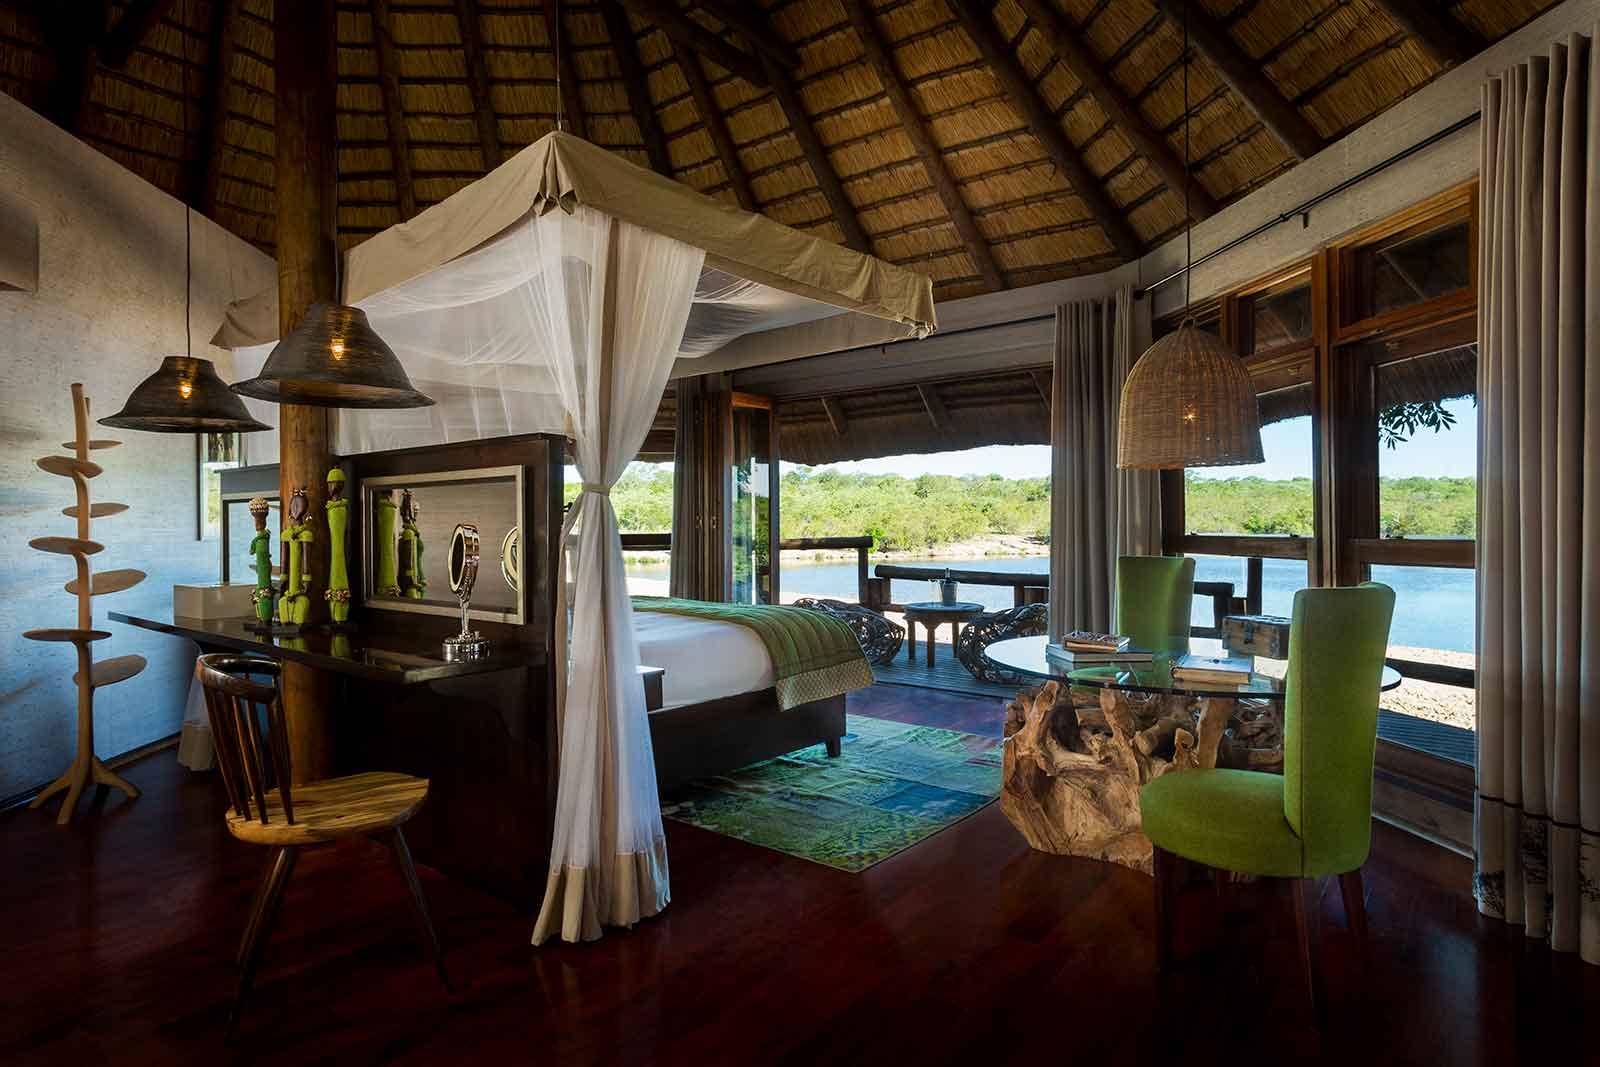 Accommodation at Ulusaba Safari Lodge